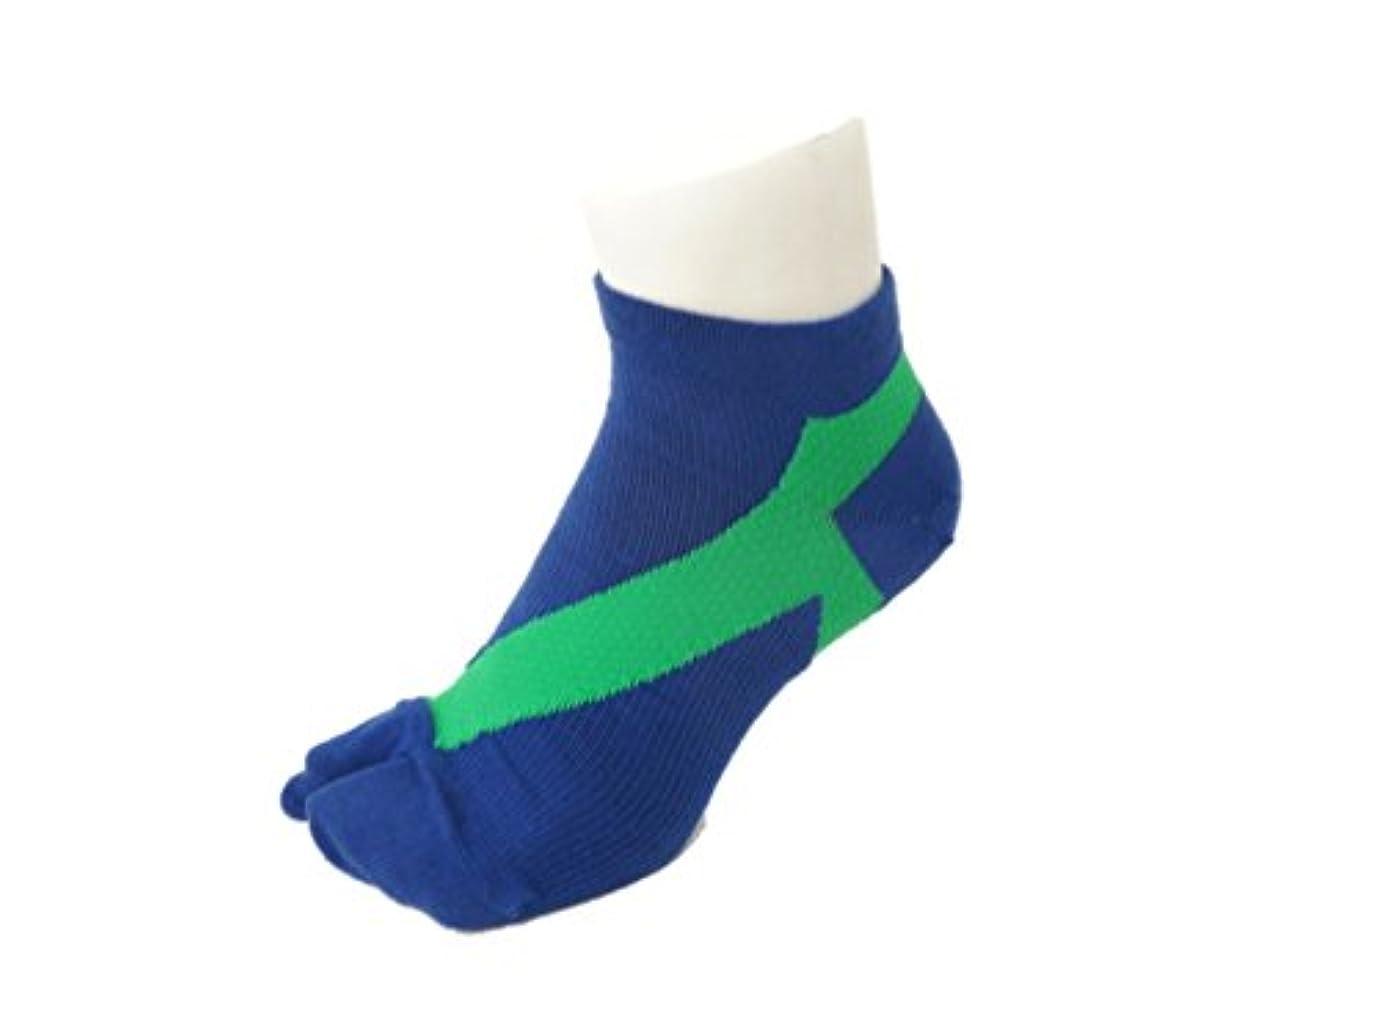 スティーブンソンデンマーク故障中さとう式 フレクサーソックス アンクル 紺緑 (S) 足袋型